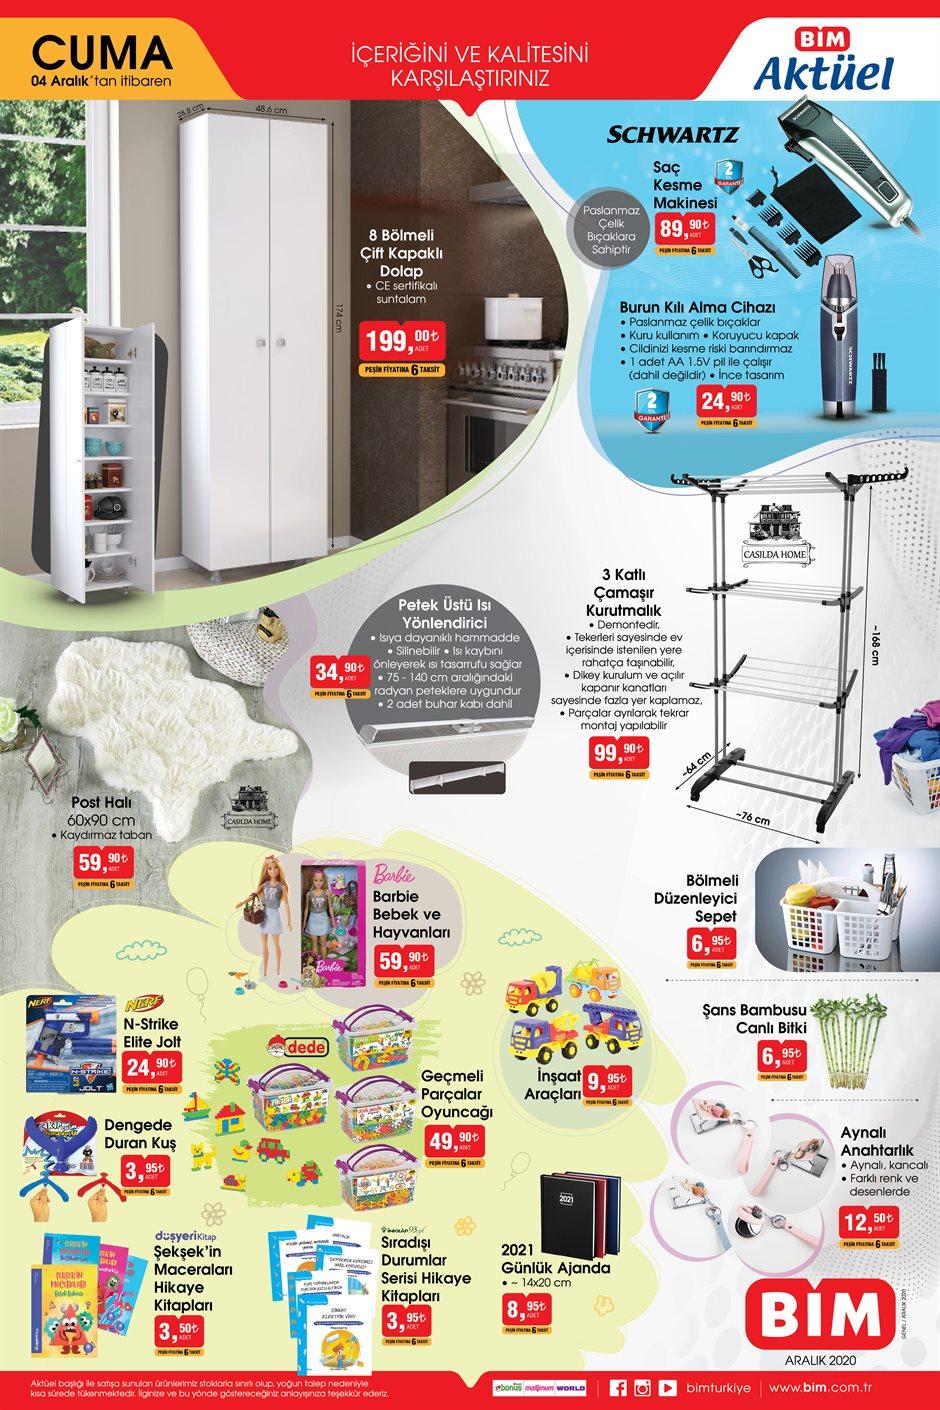 4 Aralık BİMkataloğu 2020 | Uygun fiyatlı mutfak eşyaları bu cuma BİM'de!